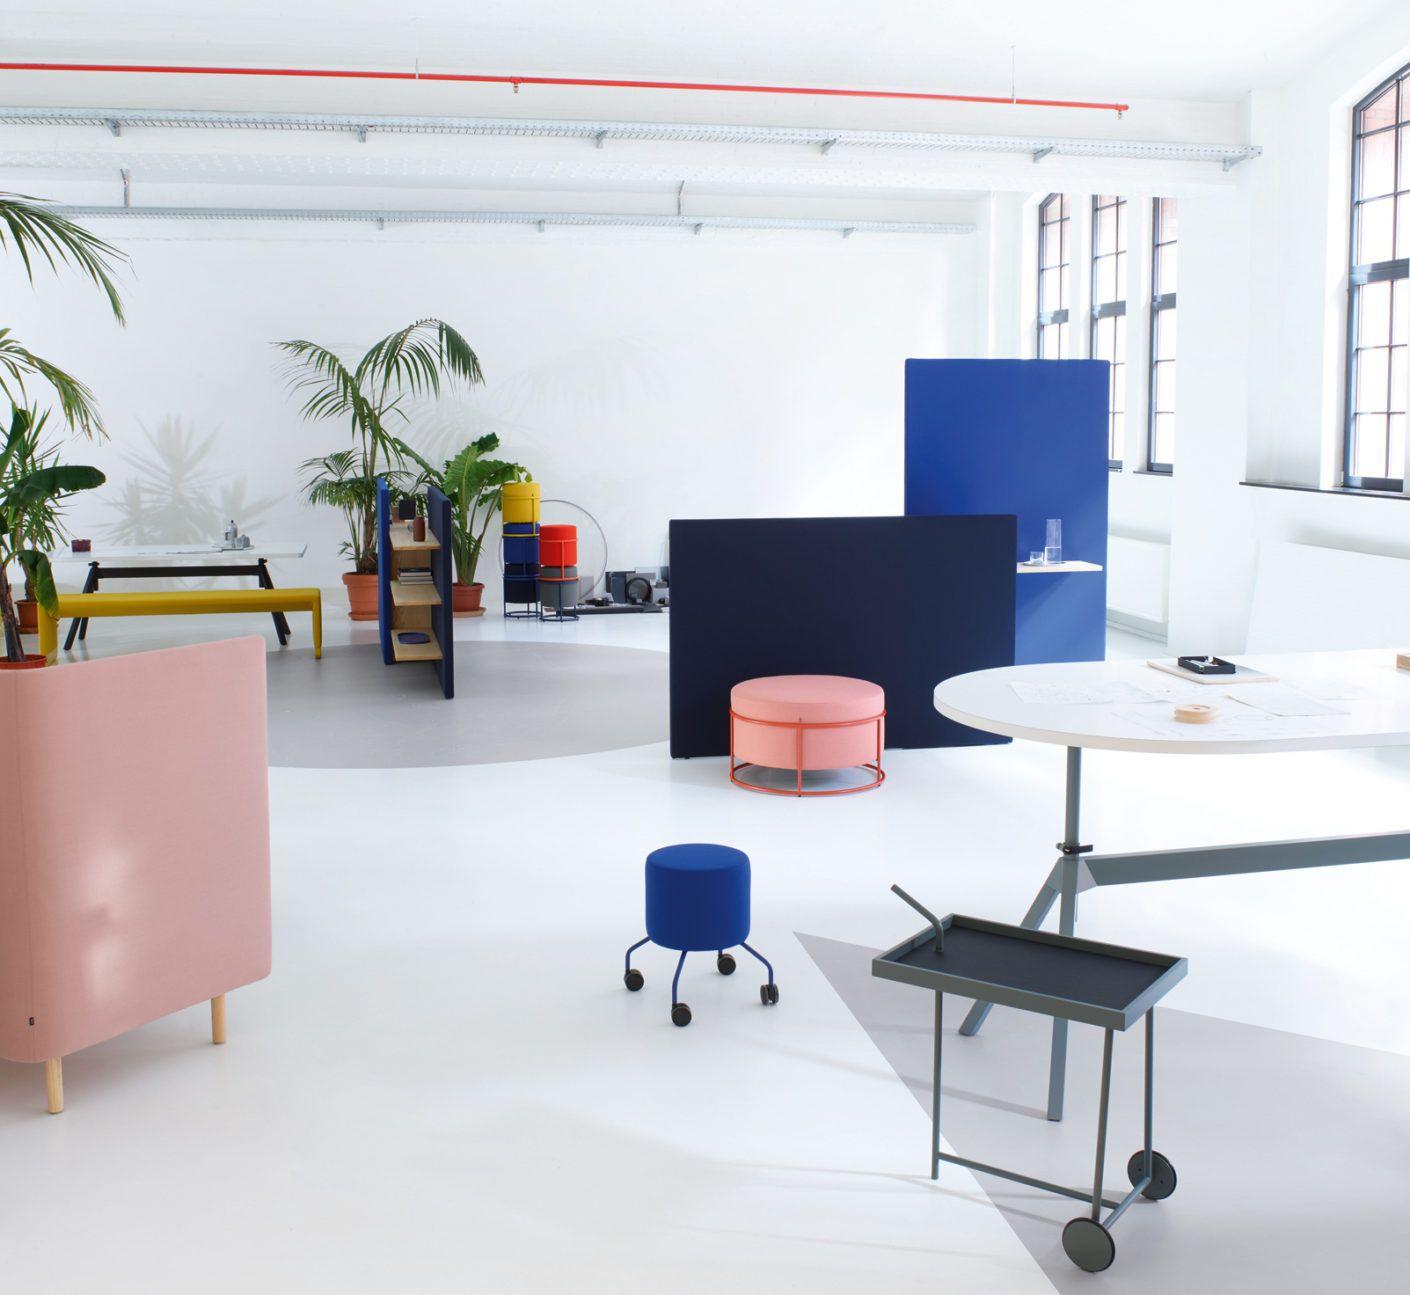 Designer Wohnen leben arbeiten neue möbel für den workspace aus dem cor lab